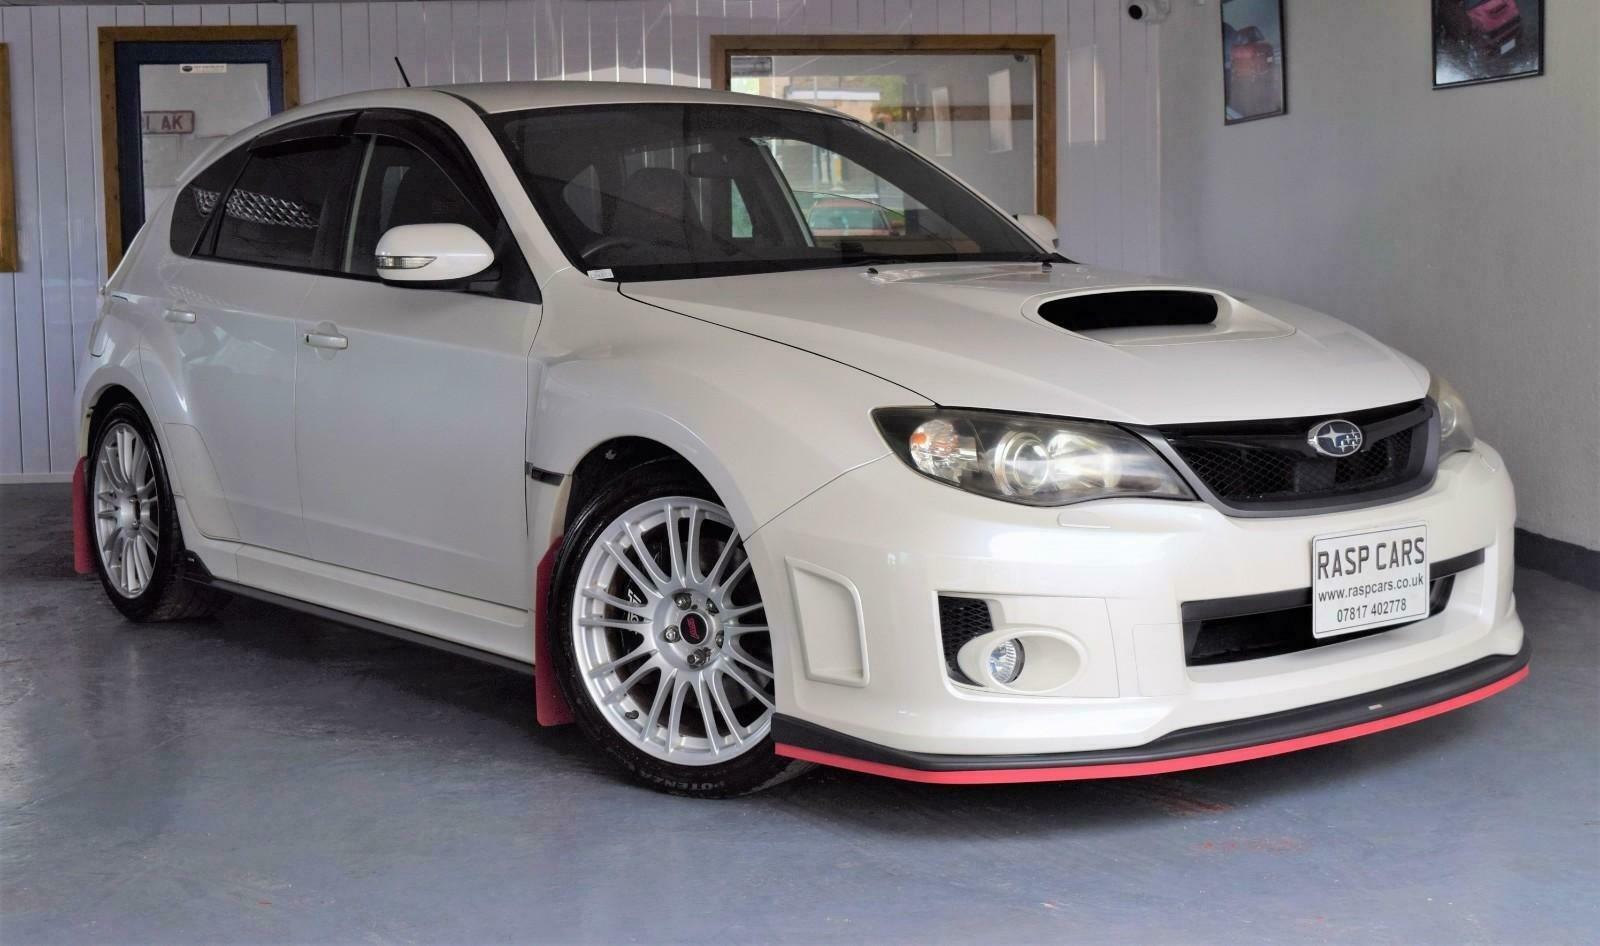 2009 Impreza 2.0 WRX STi JDM Import Pearl White For Sale (picture 1 of 6)